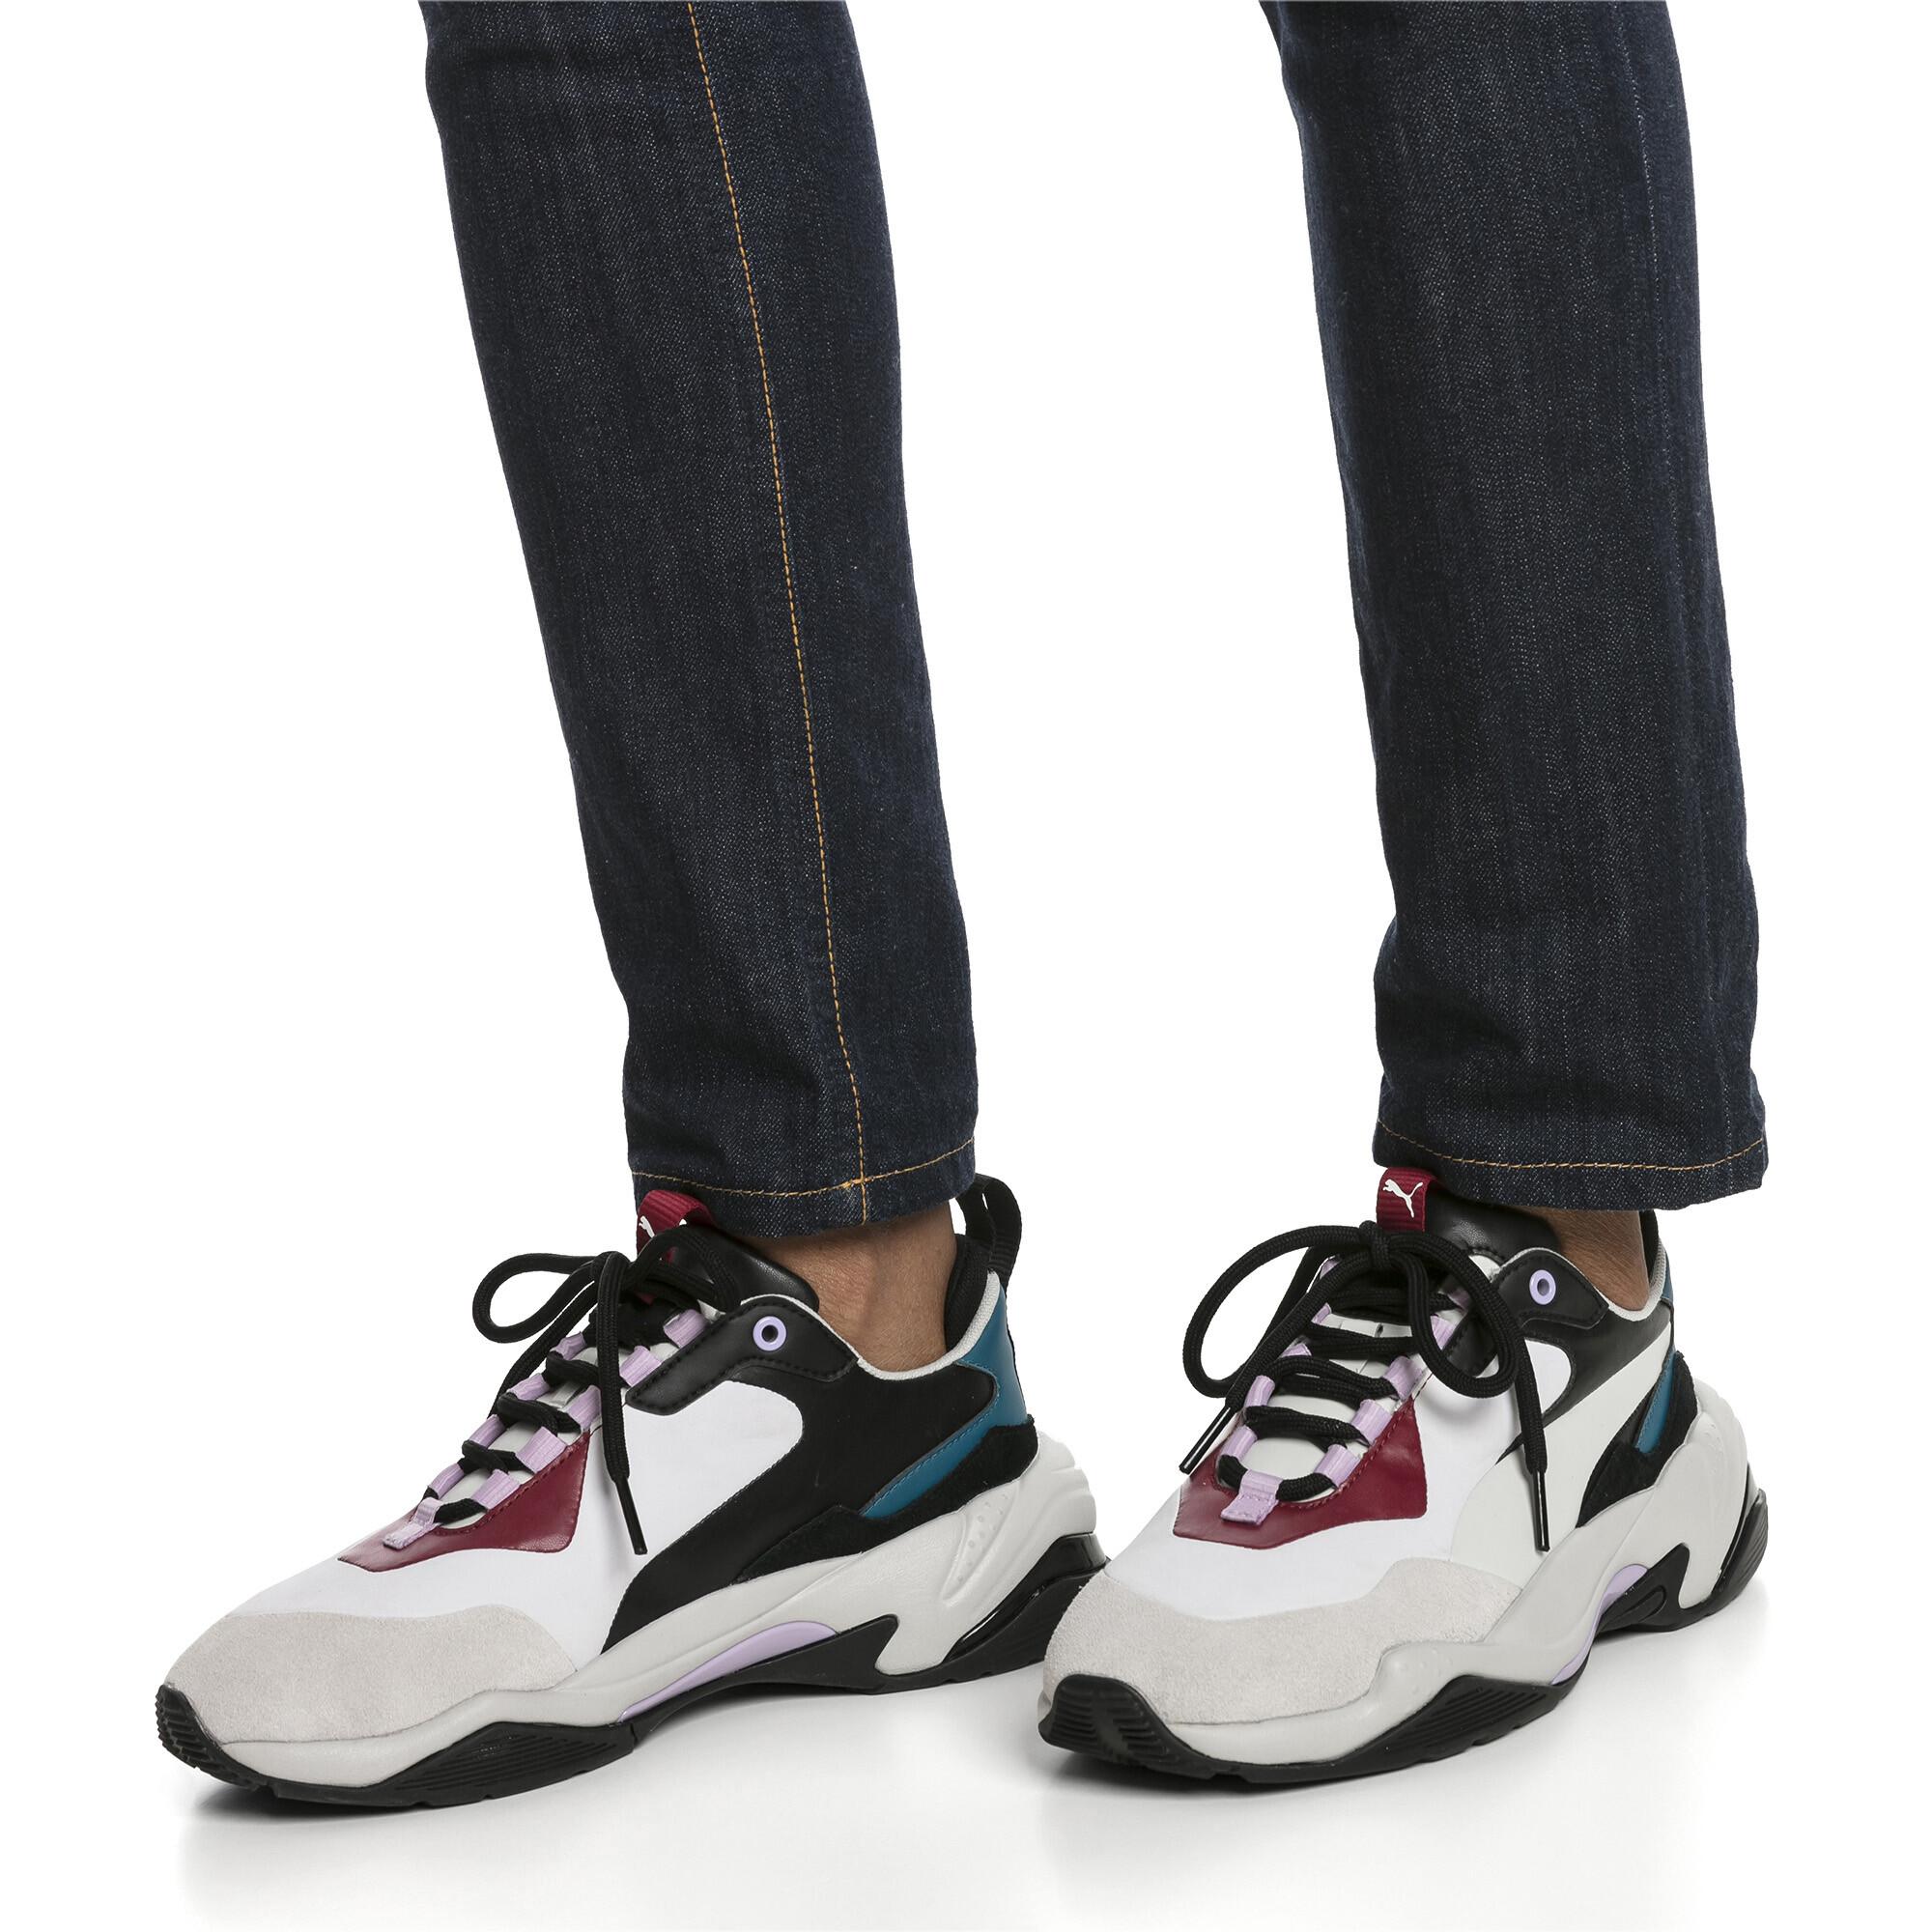 Zapatillas Thunder Rive Droite para mujer